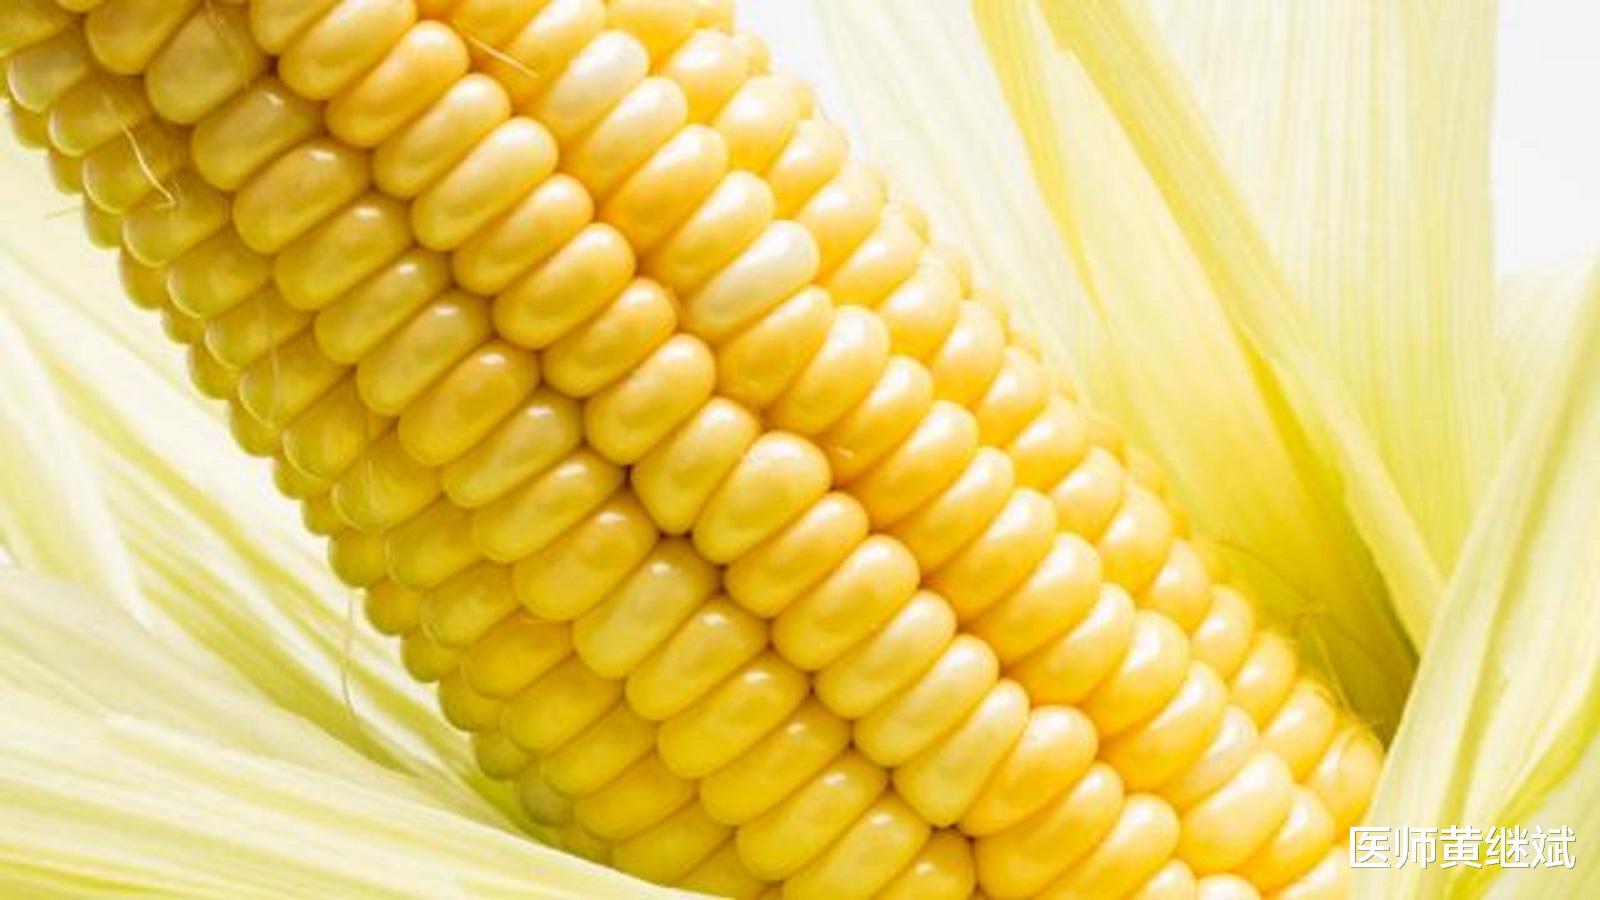 玉米能促进肠道消化,许多人减肥都吃玉米,玉米怎么吃更减肥?